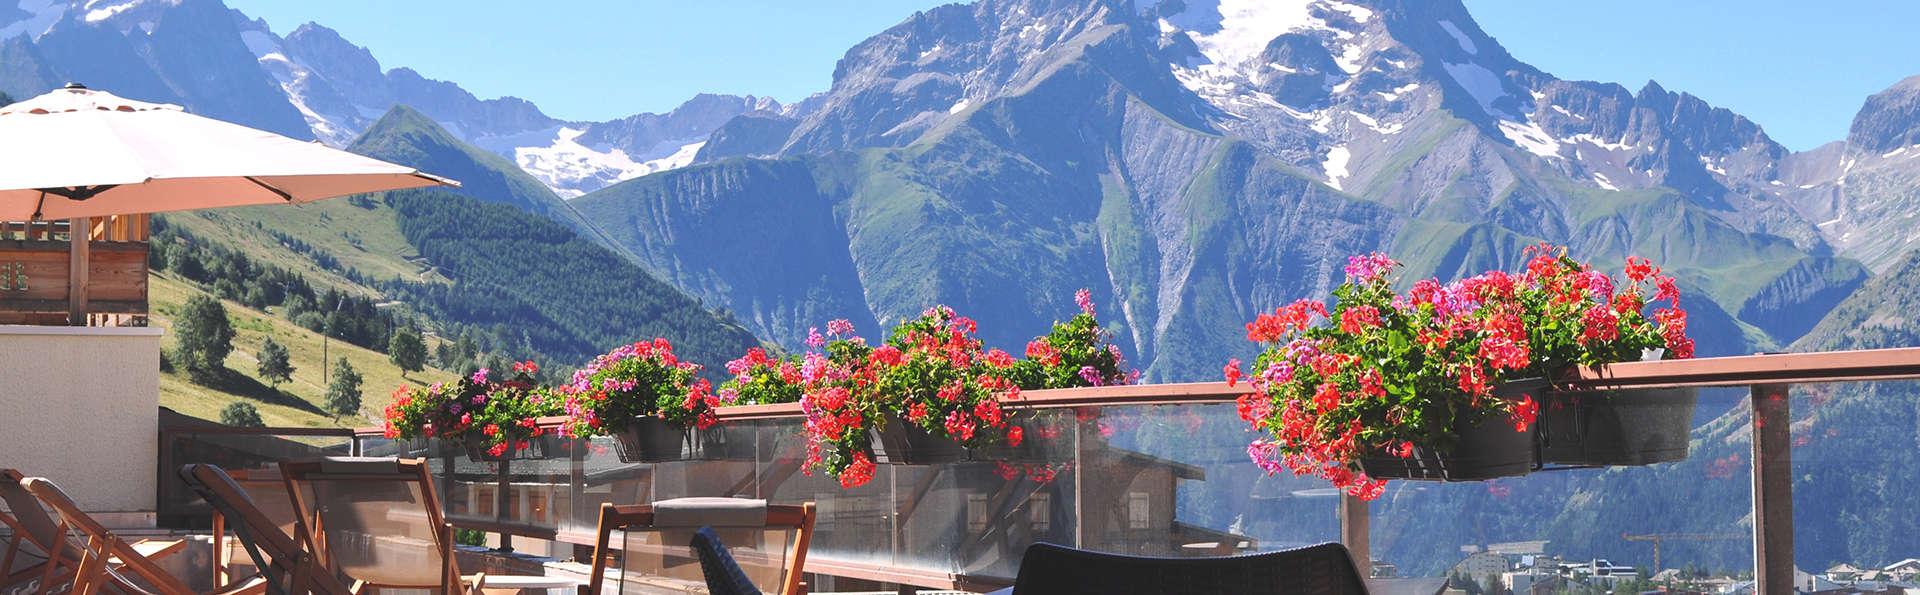 Escapade au cœur des Alpes avec vue imprenable sur les montagnes